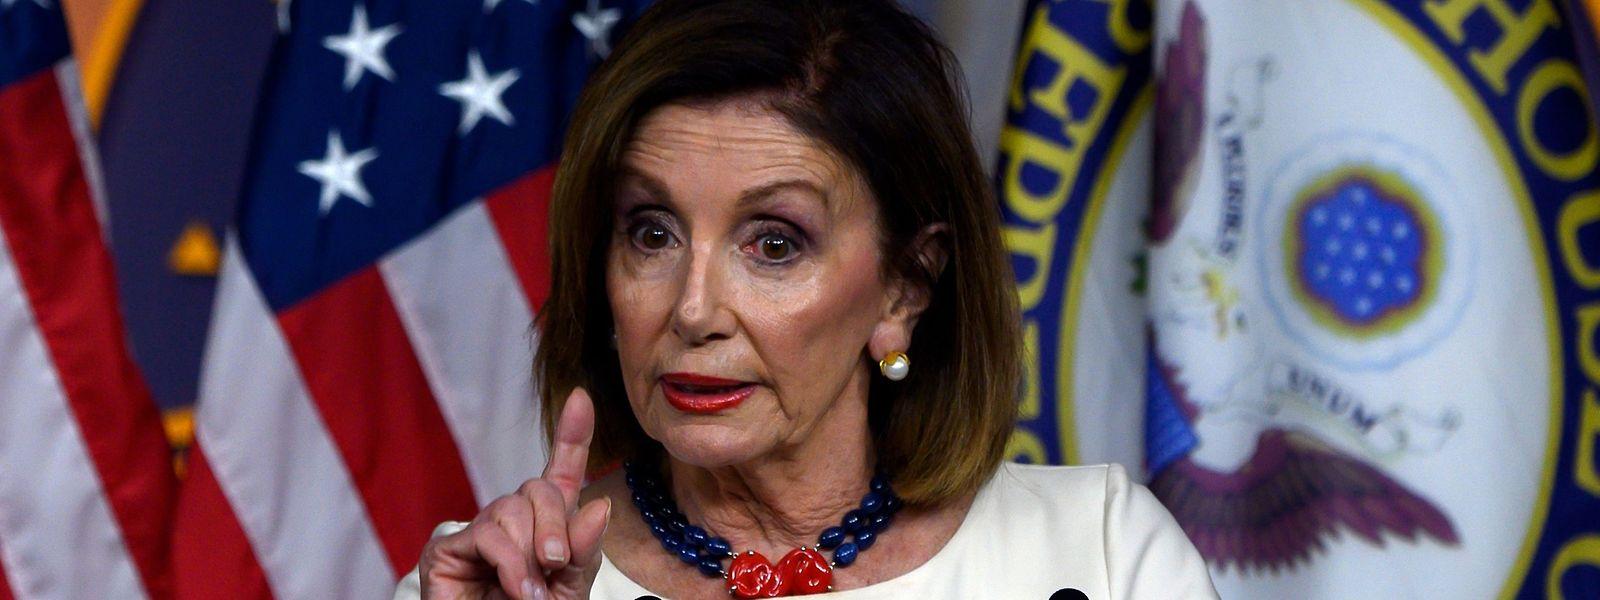 Pour Nancy Pelosi, cheffe des démocrates au Congrès, ce n'est «que la dernière tentative» de la Maison Blanche «de camoufler sa trahison de notre démocratie».